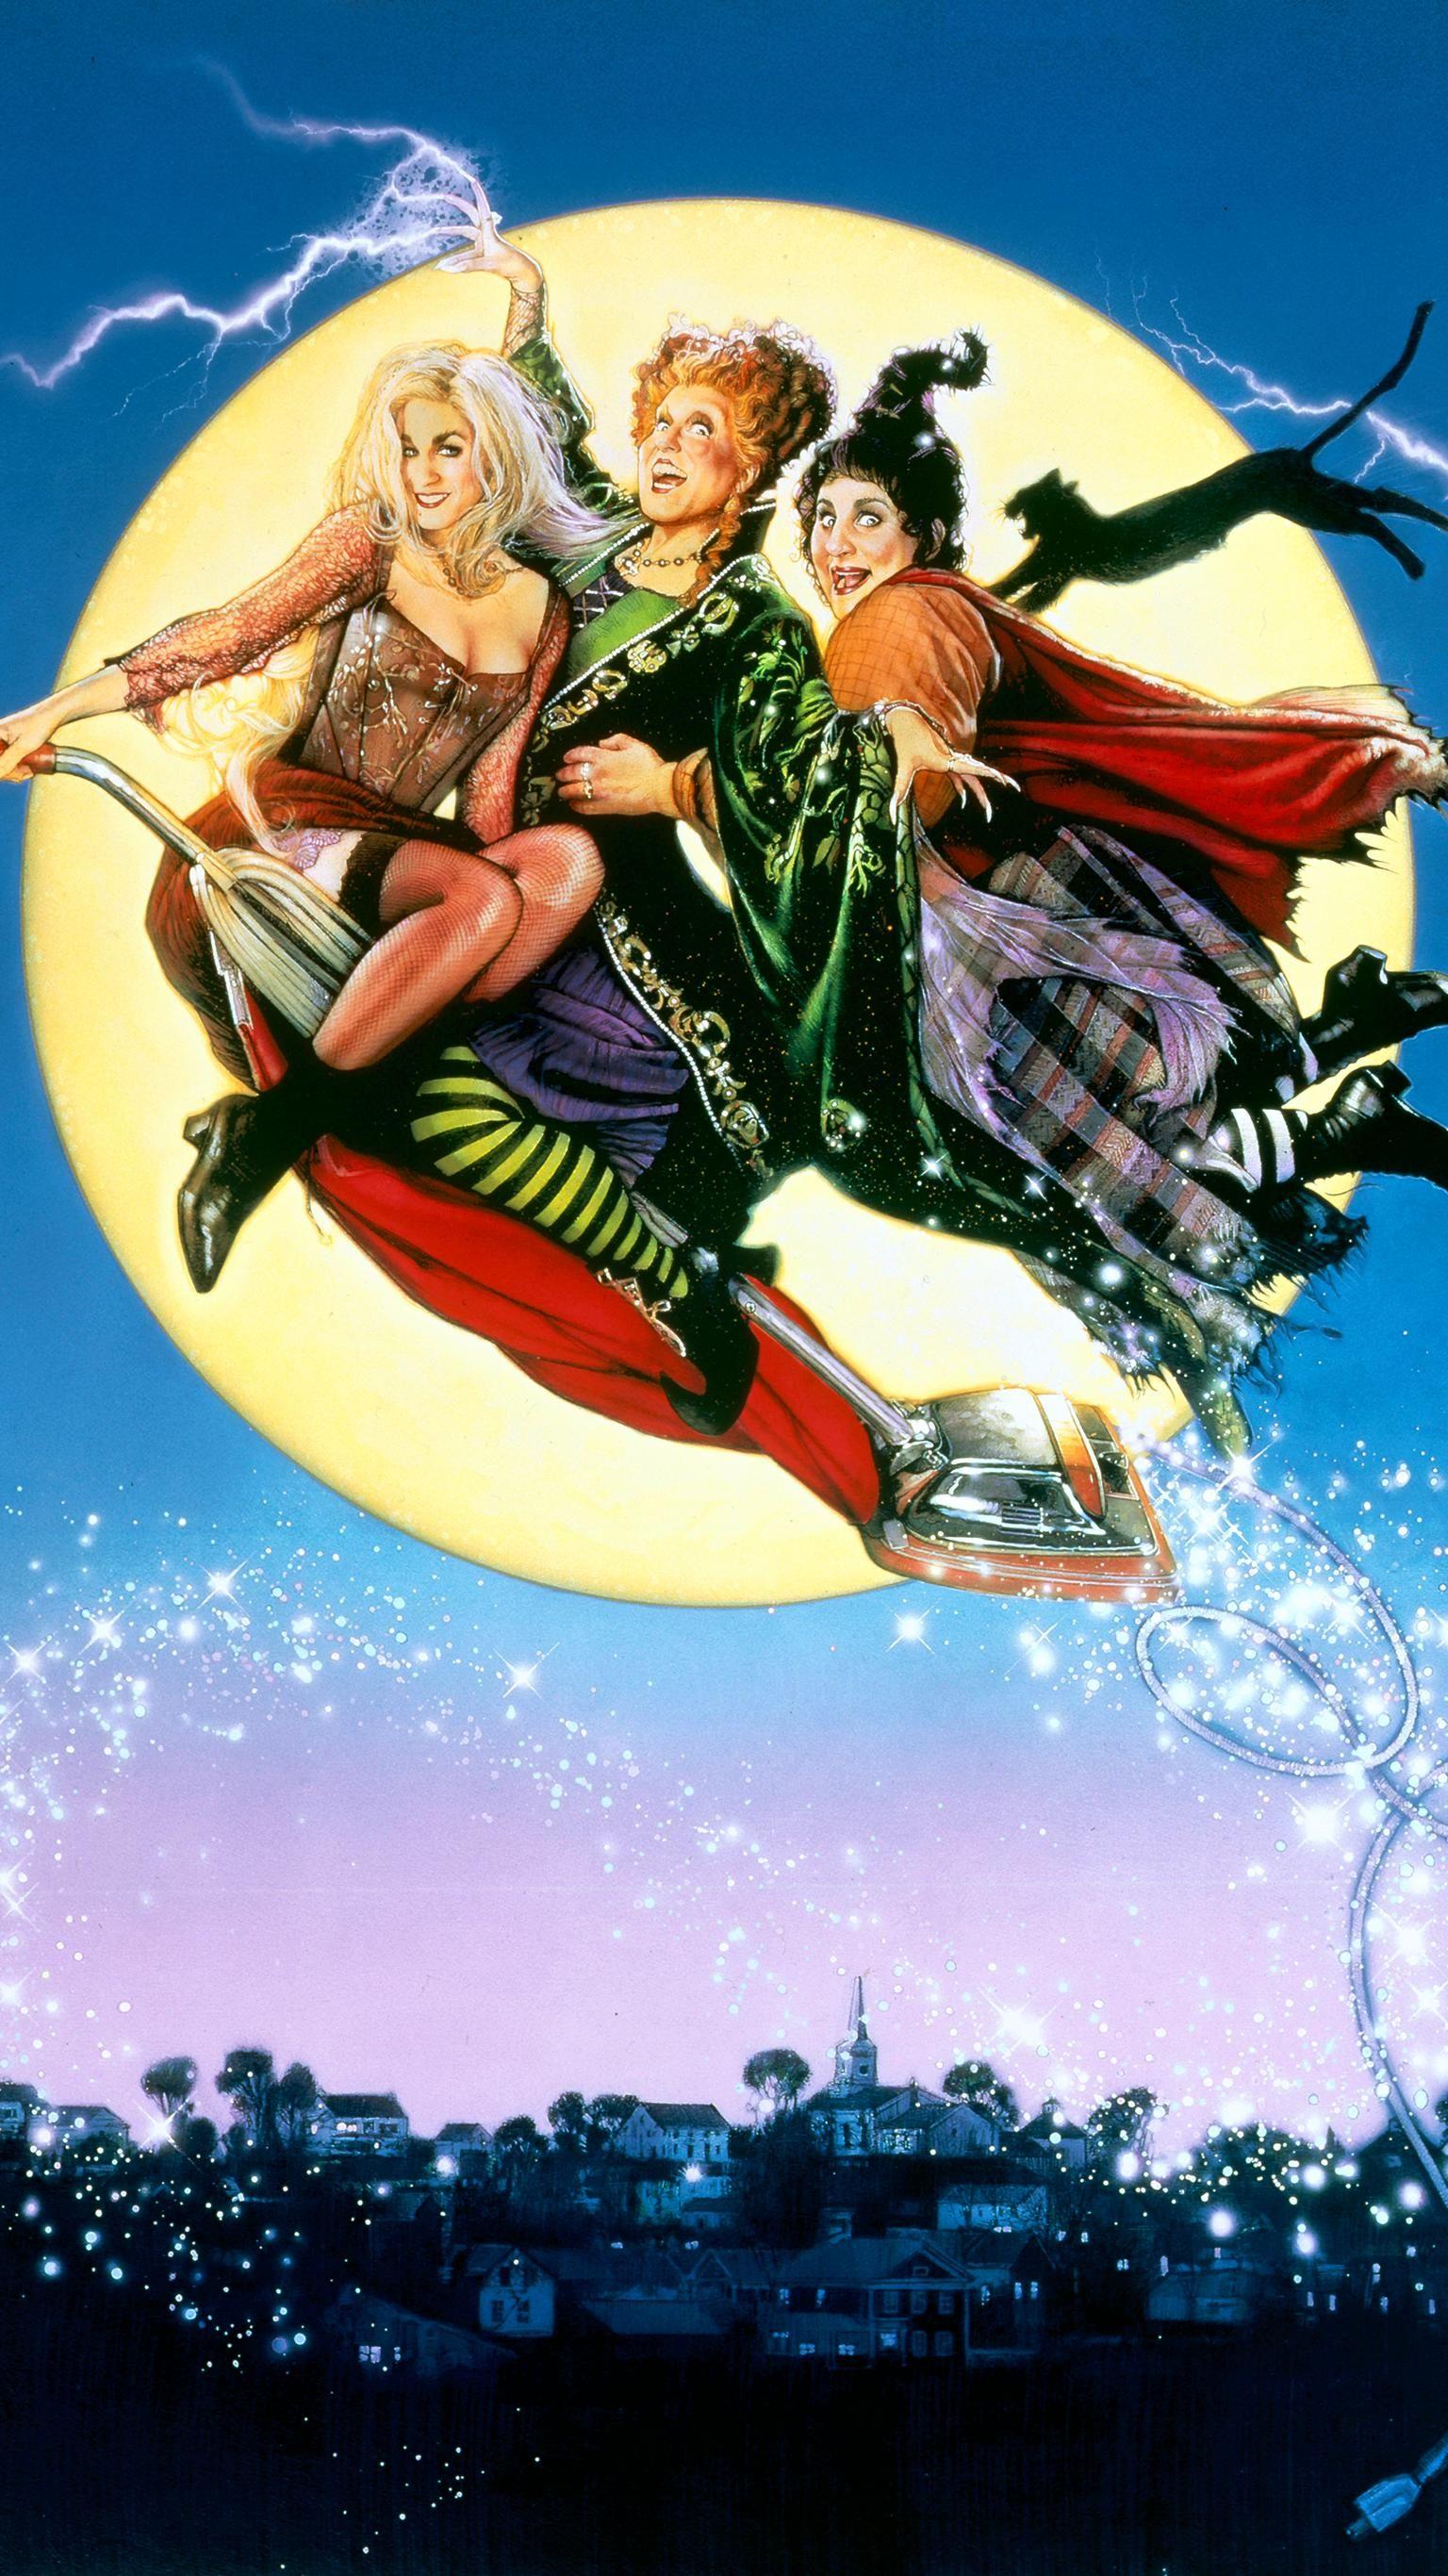 Hocus Pocus 1993 Phone Wallpaper Moviemania Halloween Halloween Movies Halloween Wallpaper